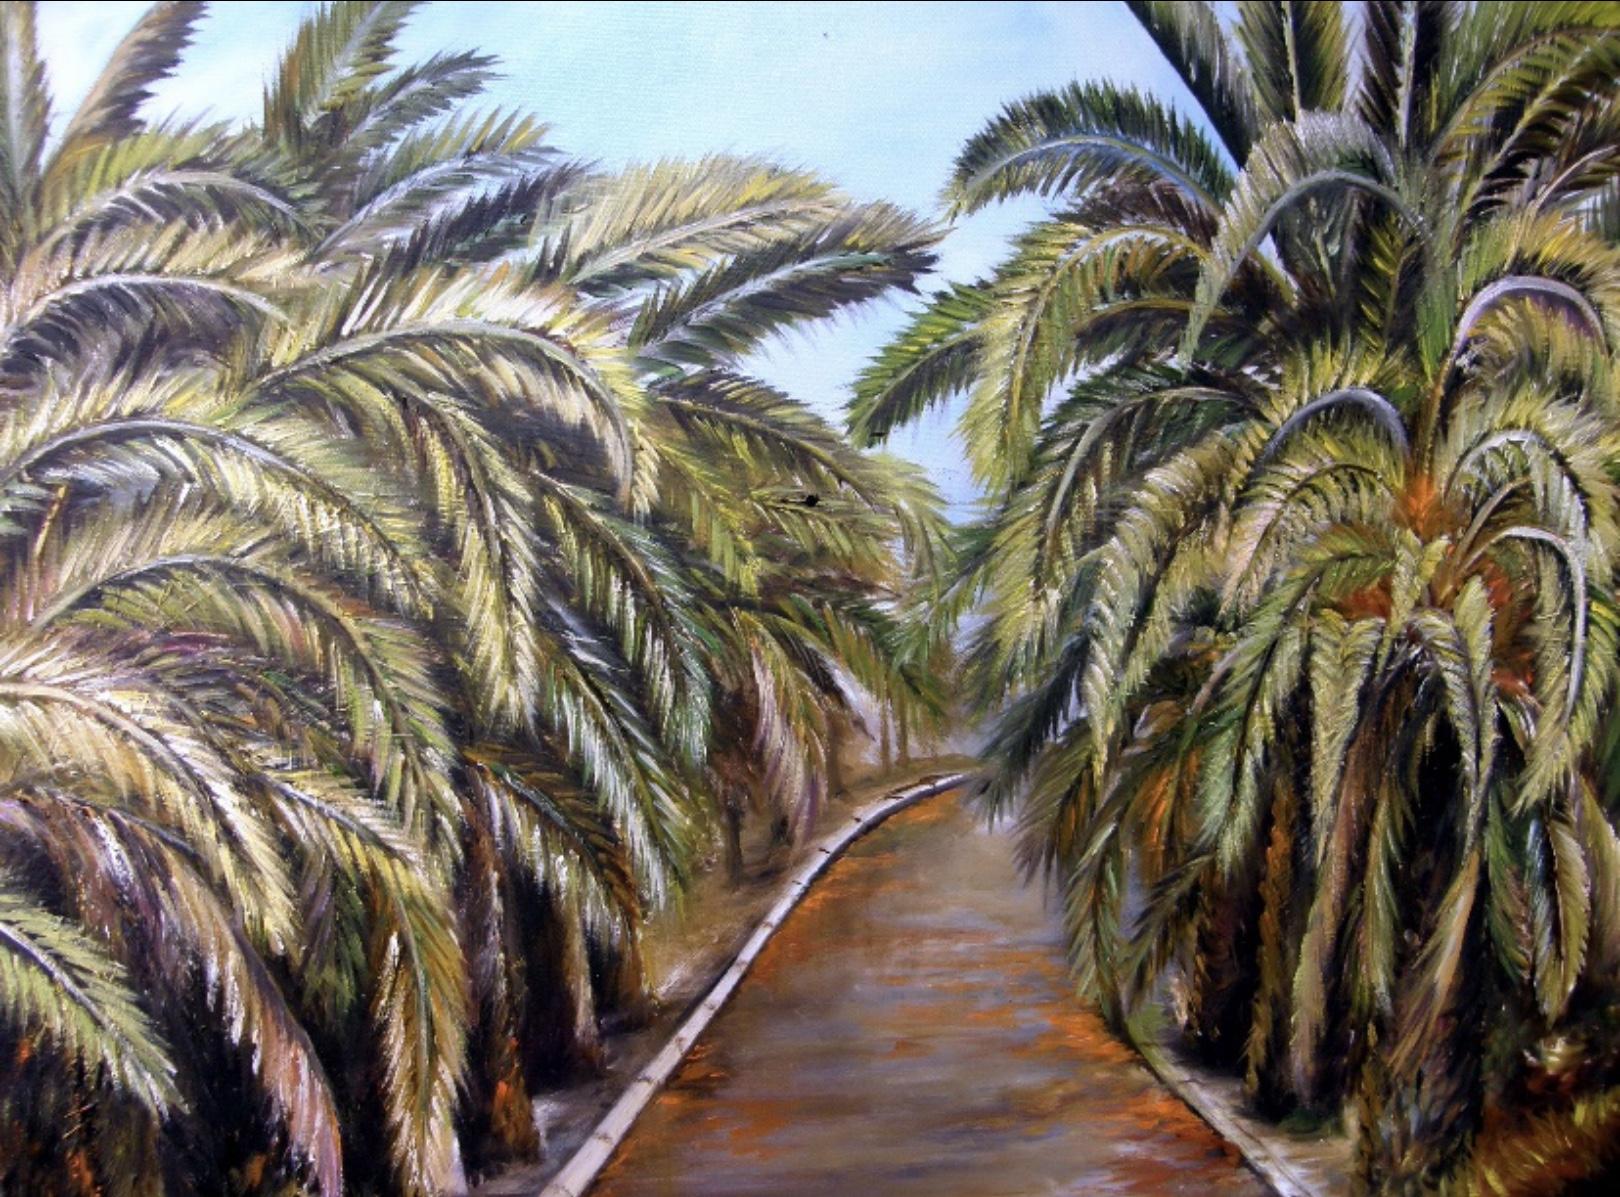 Avenida con palmeras canarias (2014) - Elena Robayna Abreut